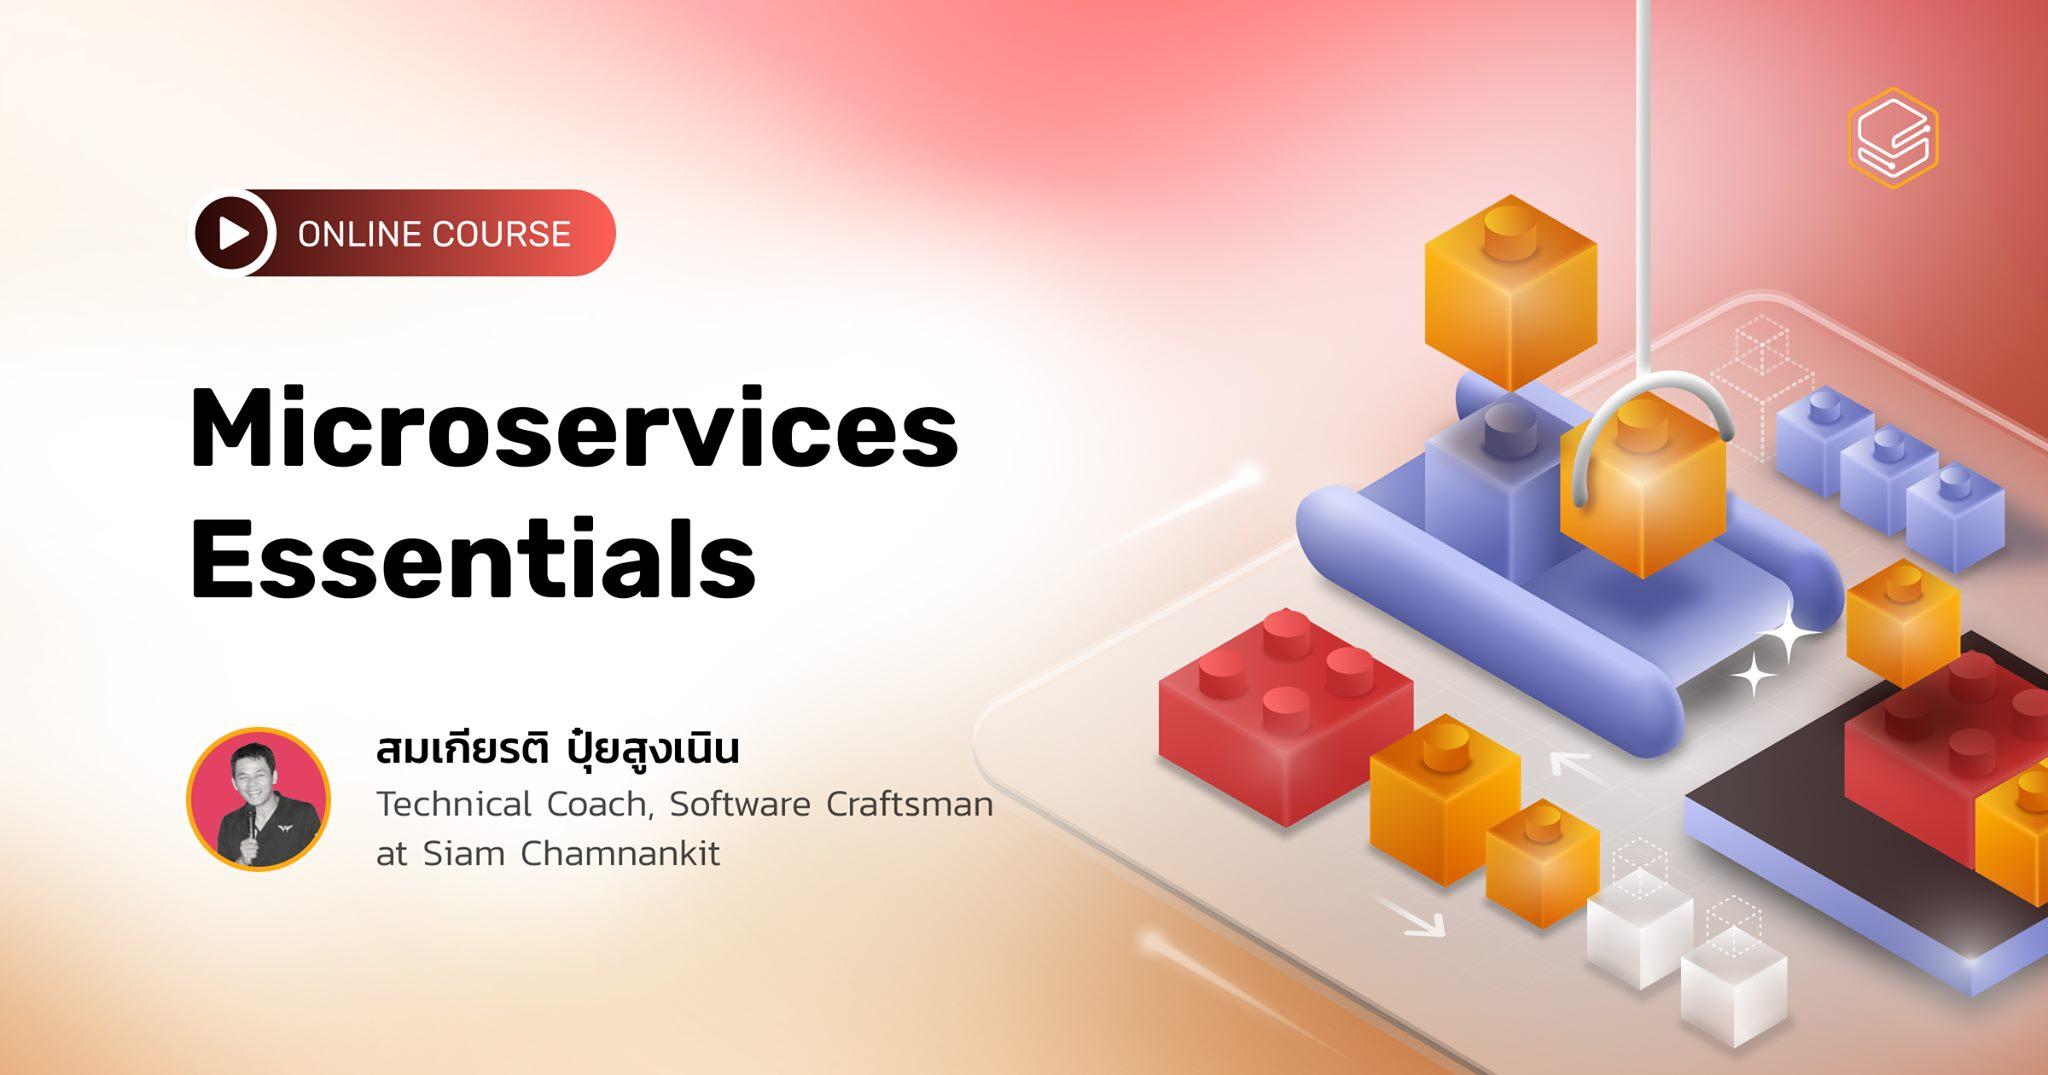 เริ่มต้น Microservices อย่างมีประสิทธิภาพ | Skooldio Online Course: Microservices Essentials